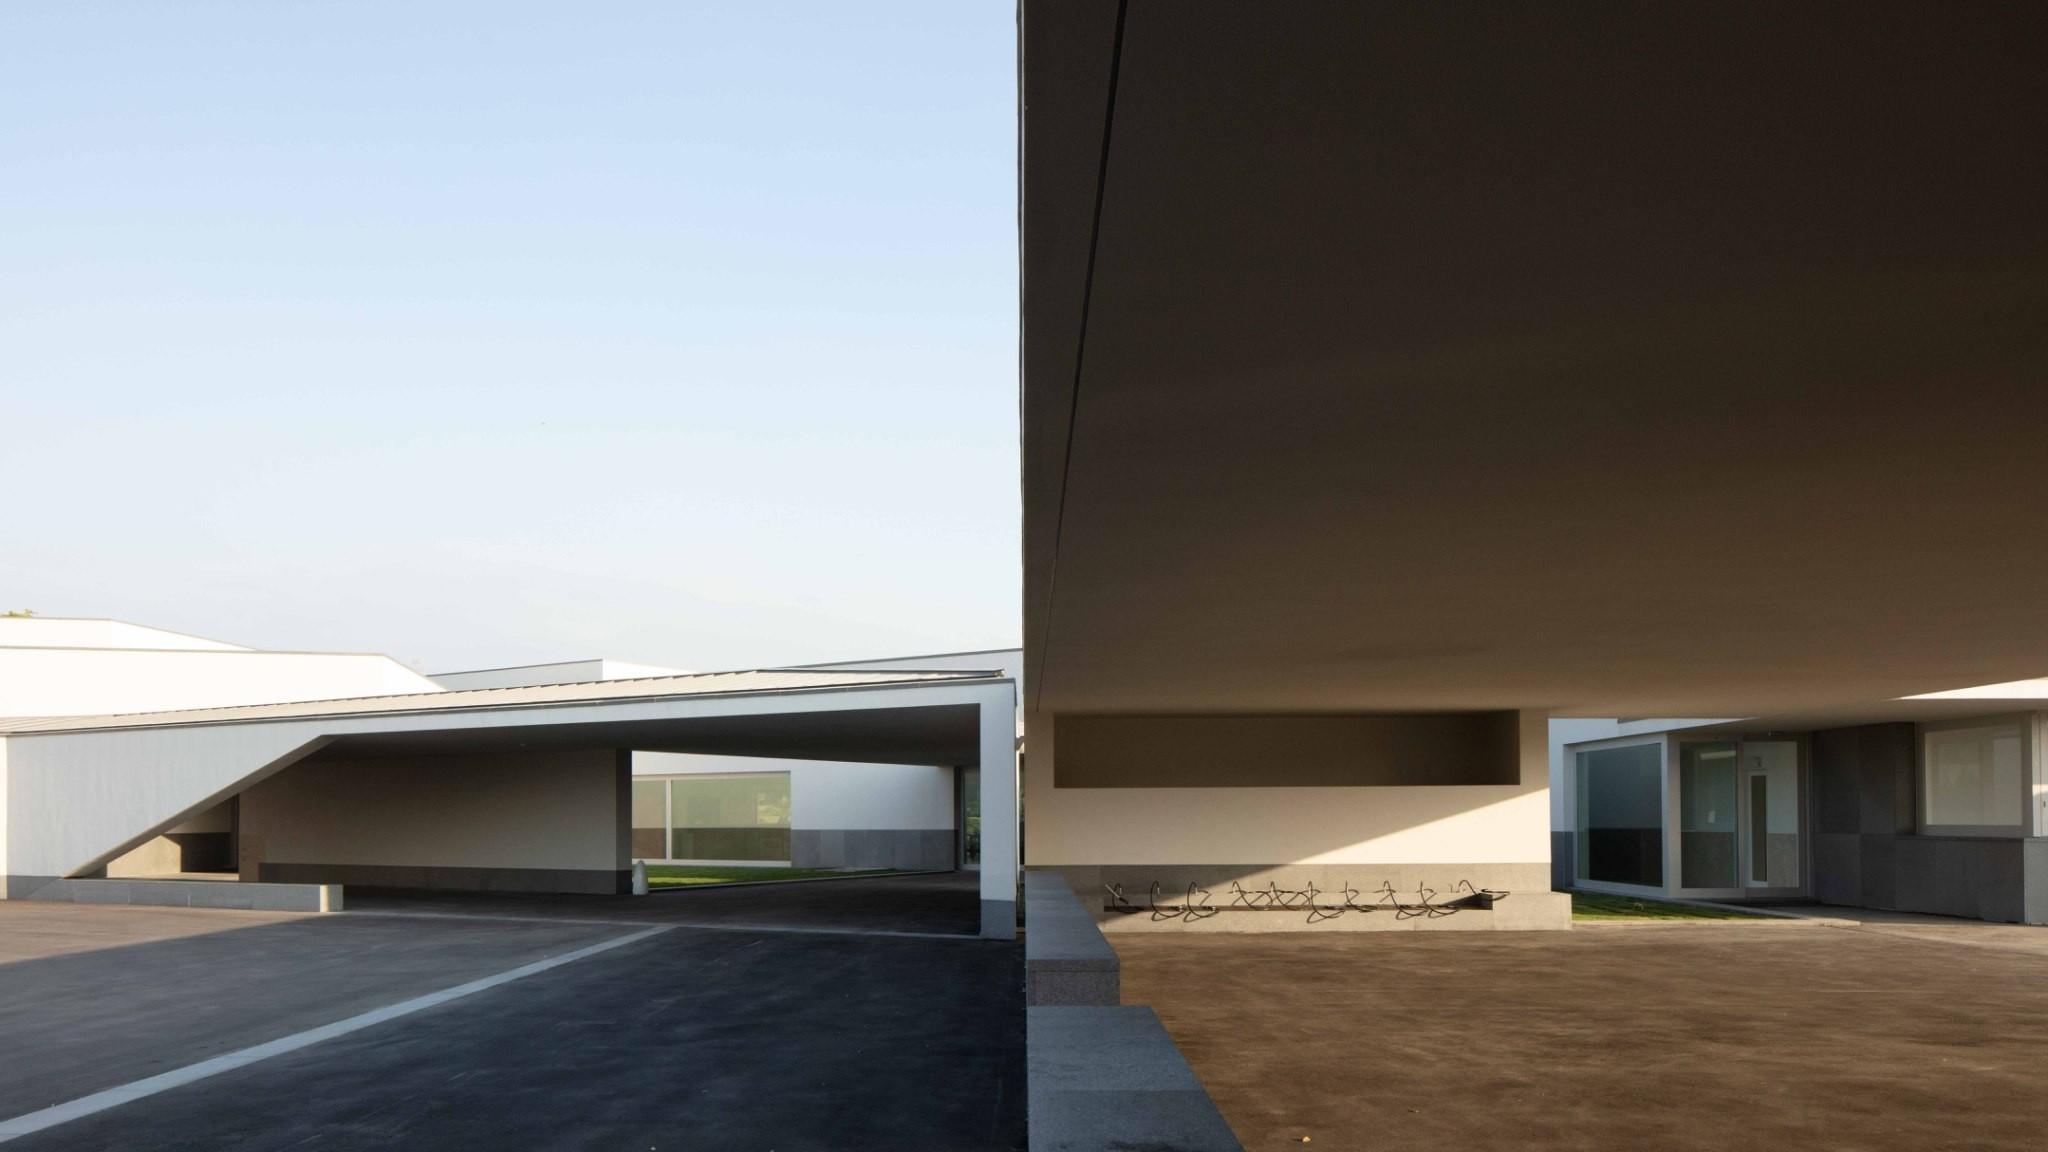 徜徉果嶺的建築詩作:台豐高爾夫俱樂部